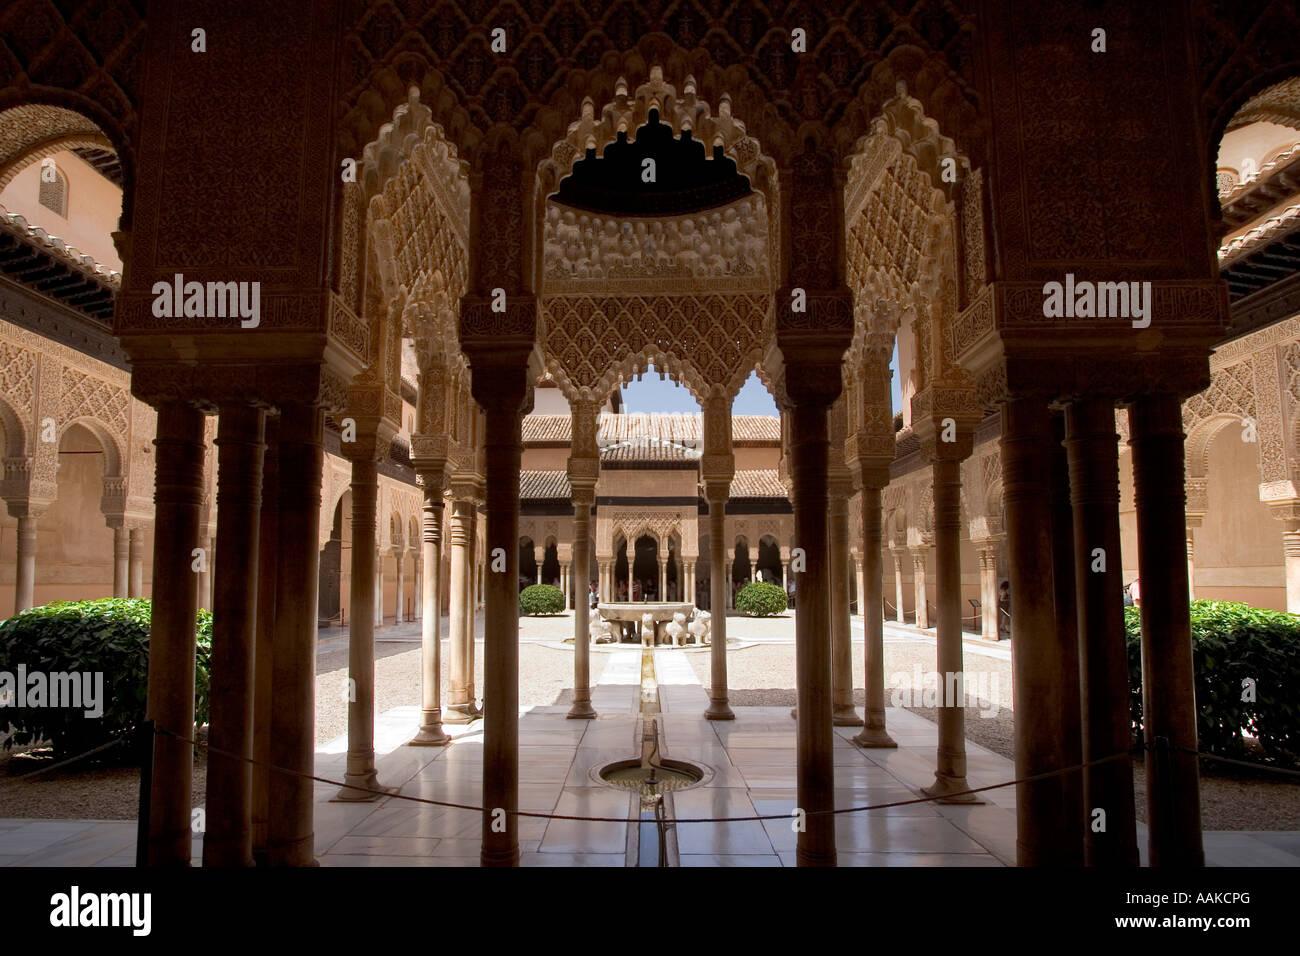 Patio De Los Leones La Alhambra Granada Spain Stock Photo 12651783